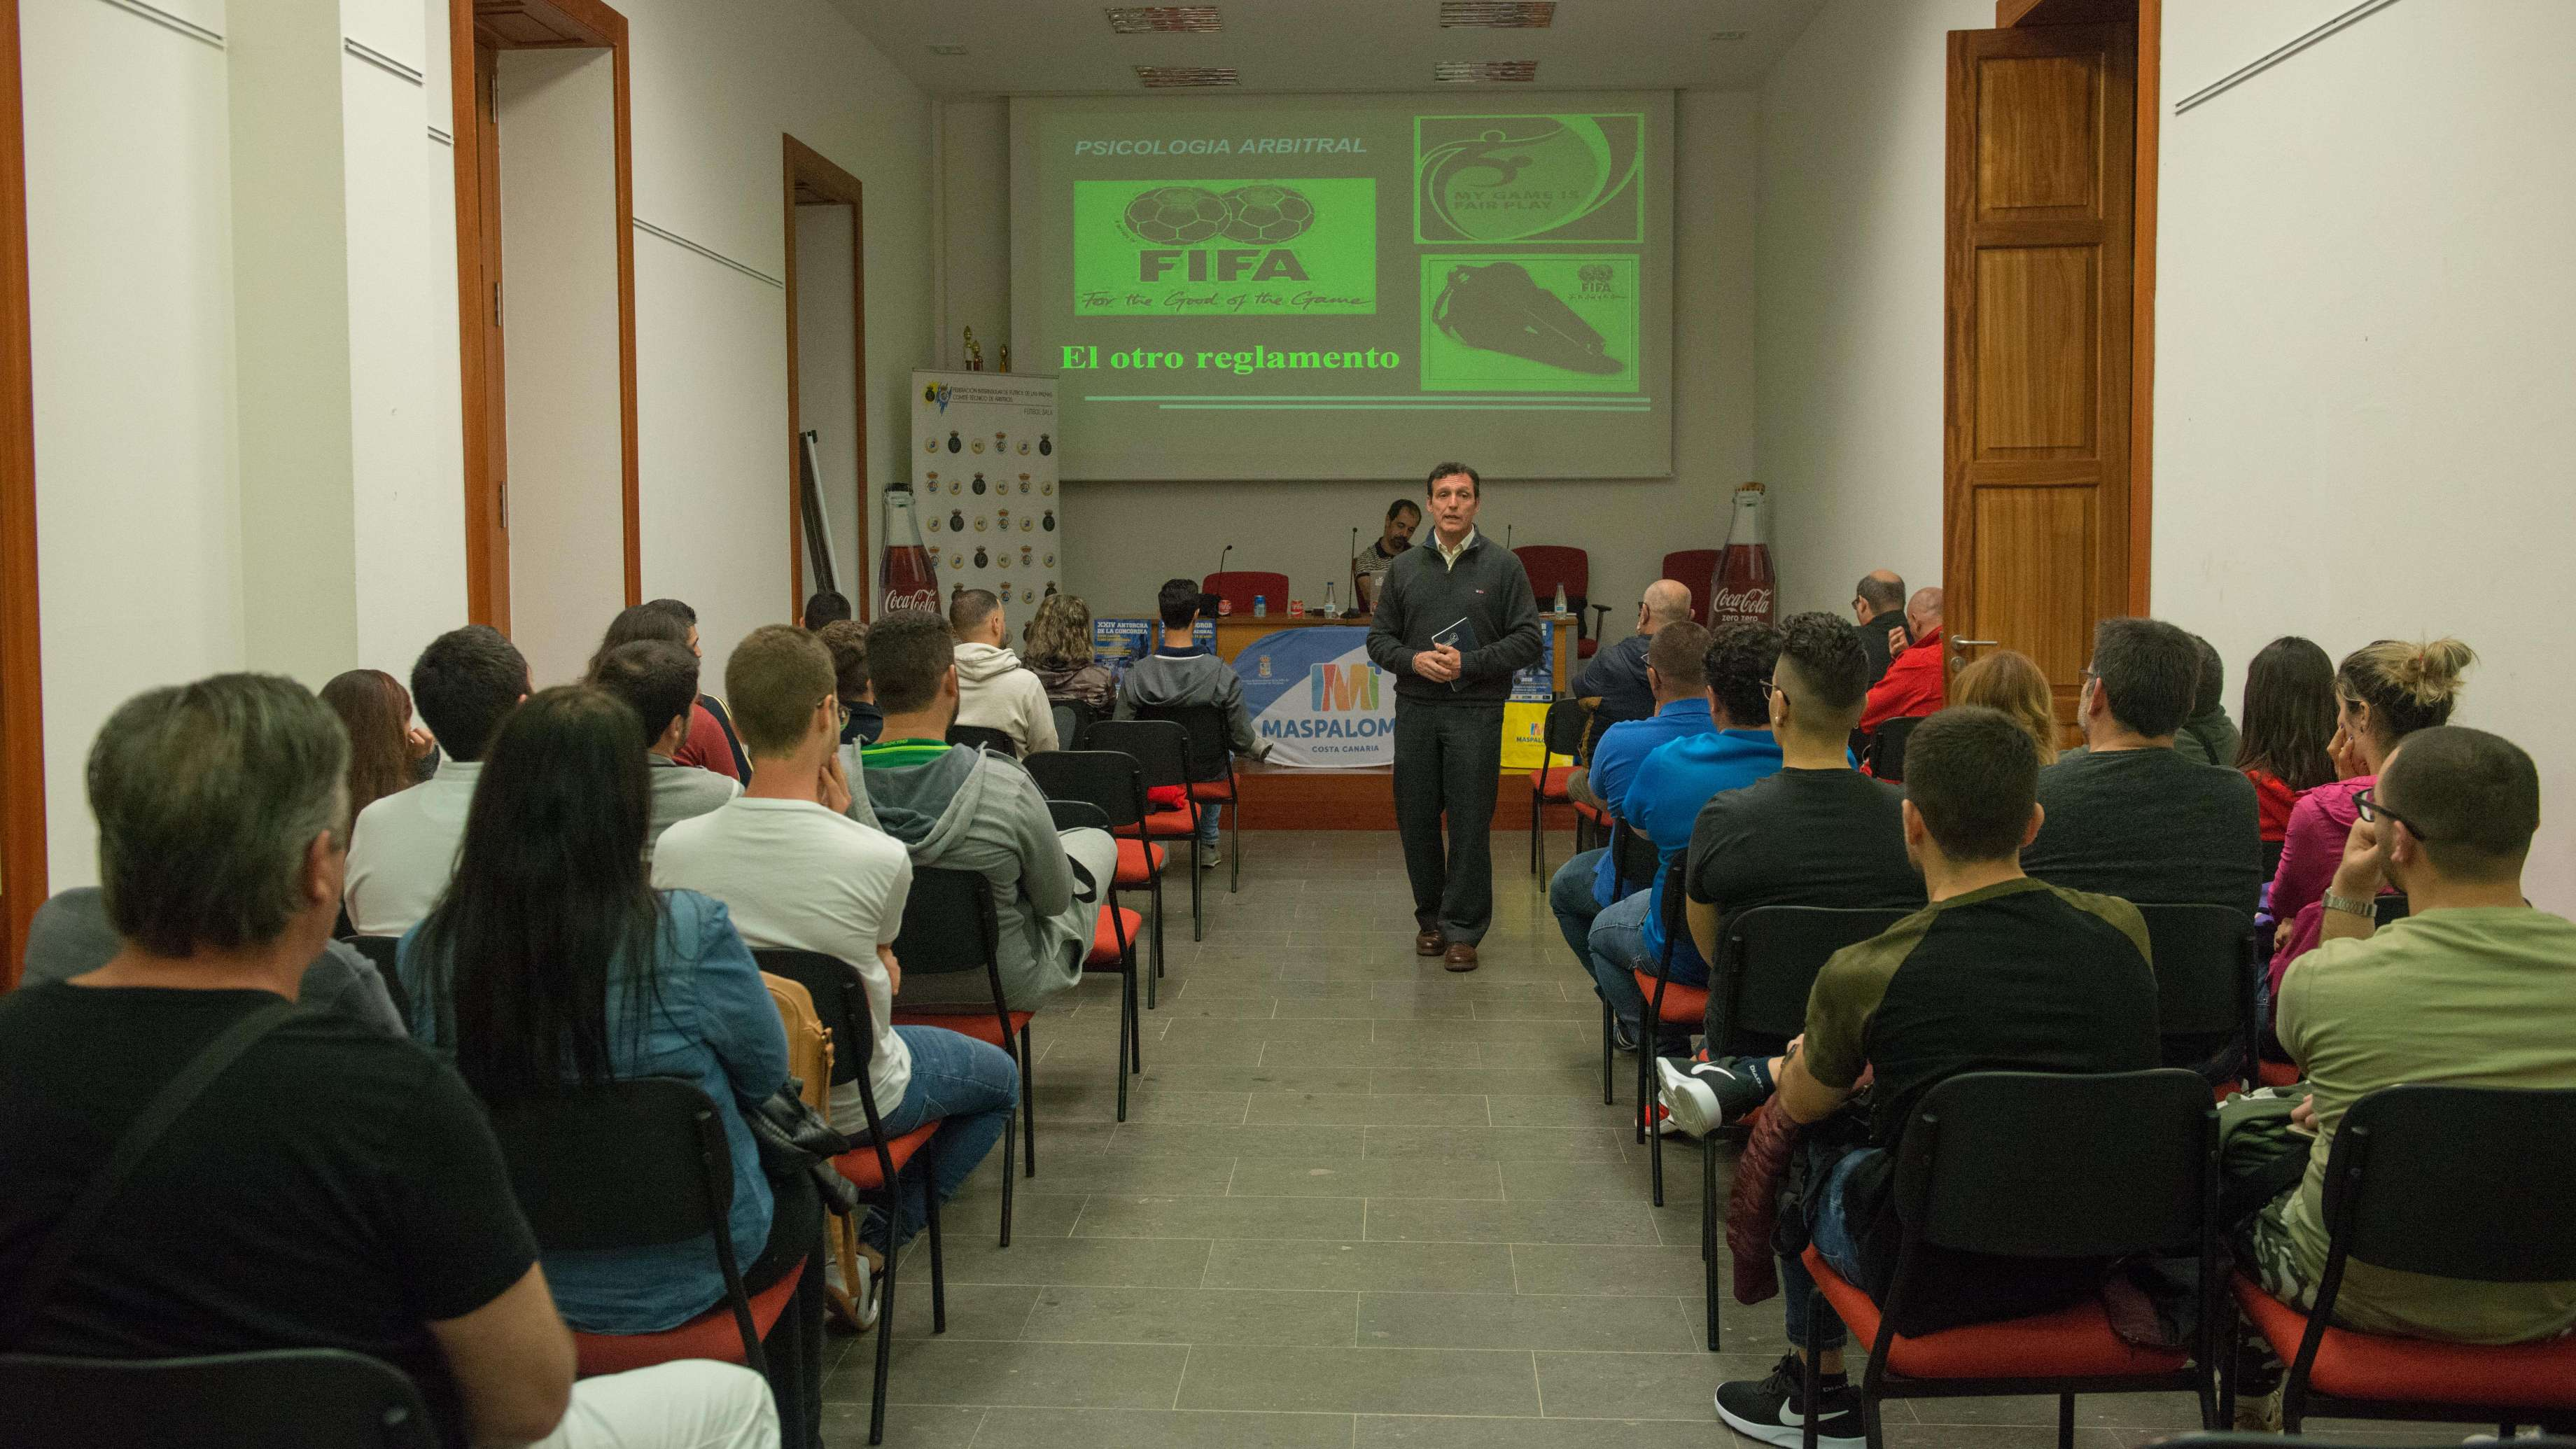 Federación Interinsular de Fútbol de Las Palmas